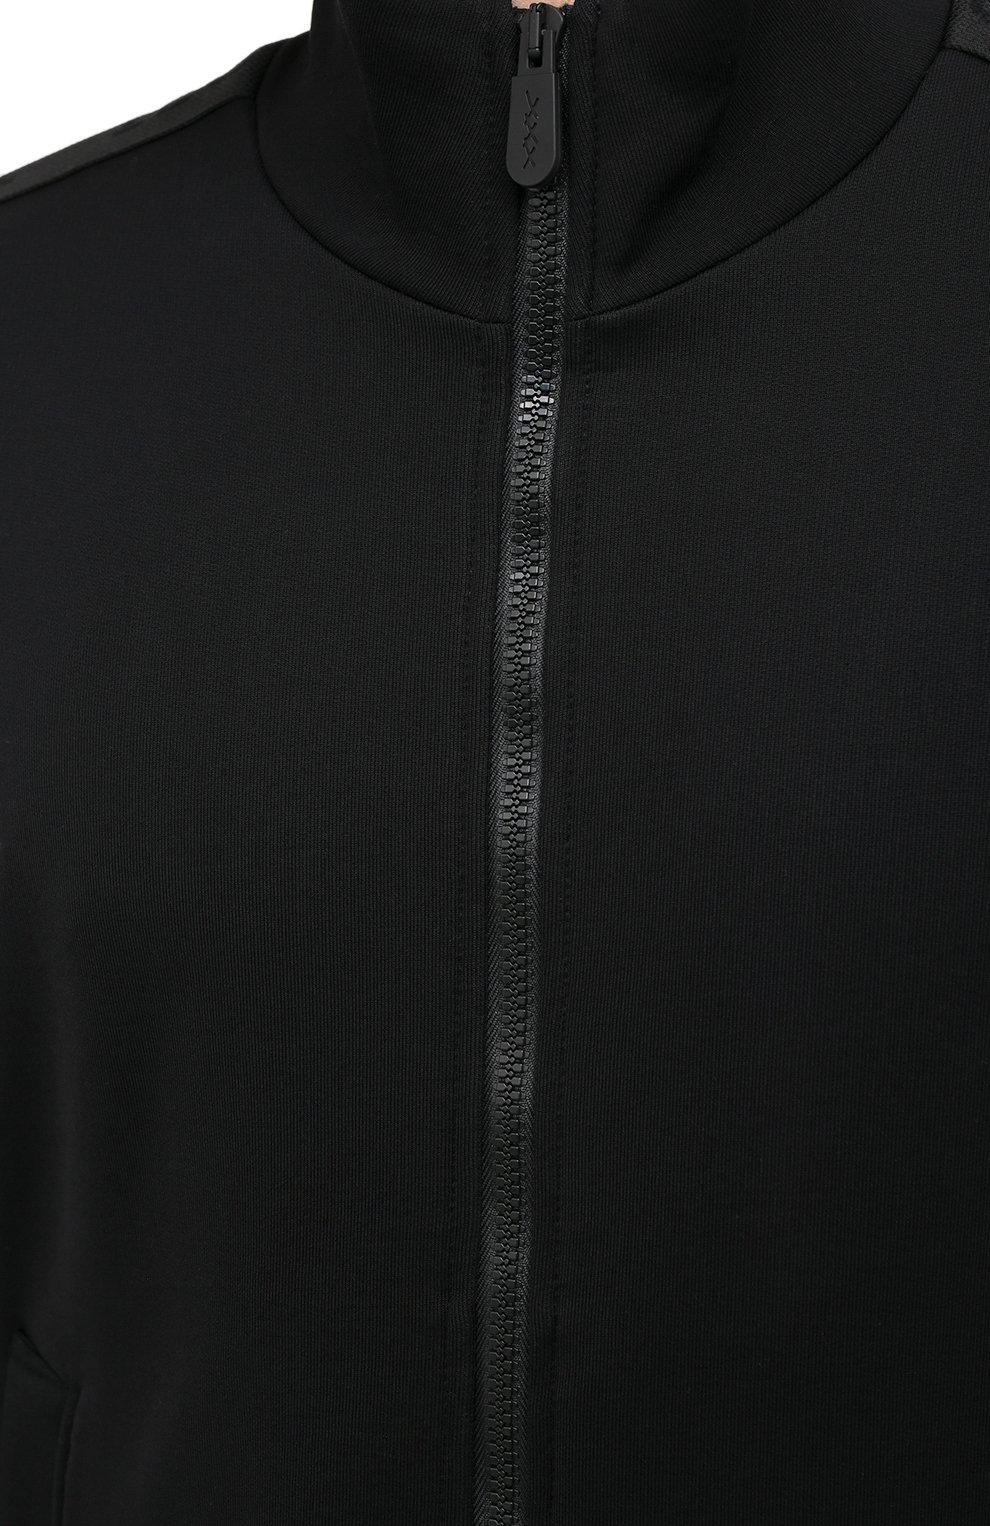 Мужской толстовка ZEGNA COUTURE черного цвета, арт. CVCJ02/8VJ37   Фото 5 (Рукава: Длинные; Мужское Кросс-КТ: Толстовка-одежда; Длина (для топов): Стандартные; Материал внешний: Хлопок; Стили: Кэжуэл)